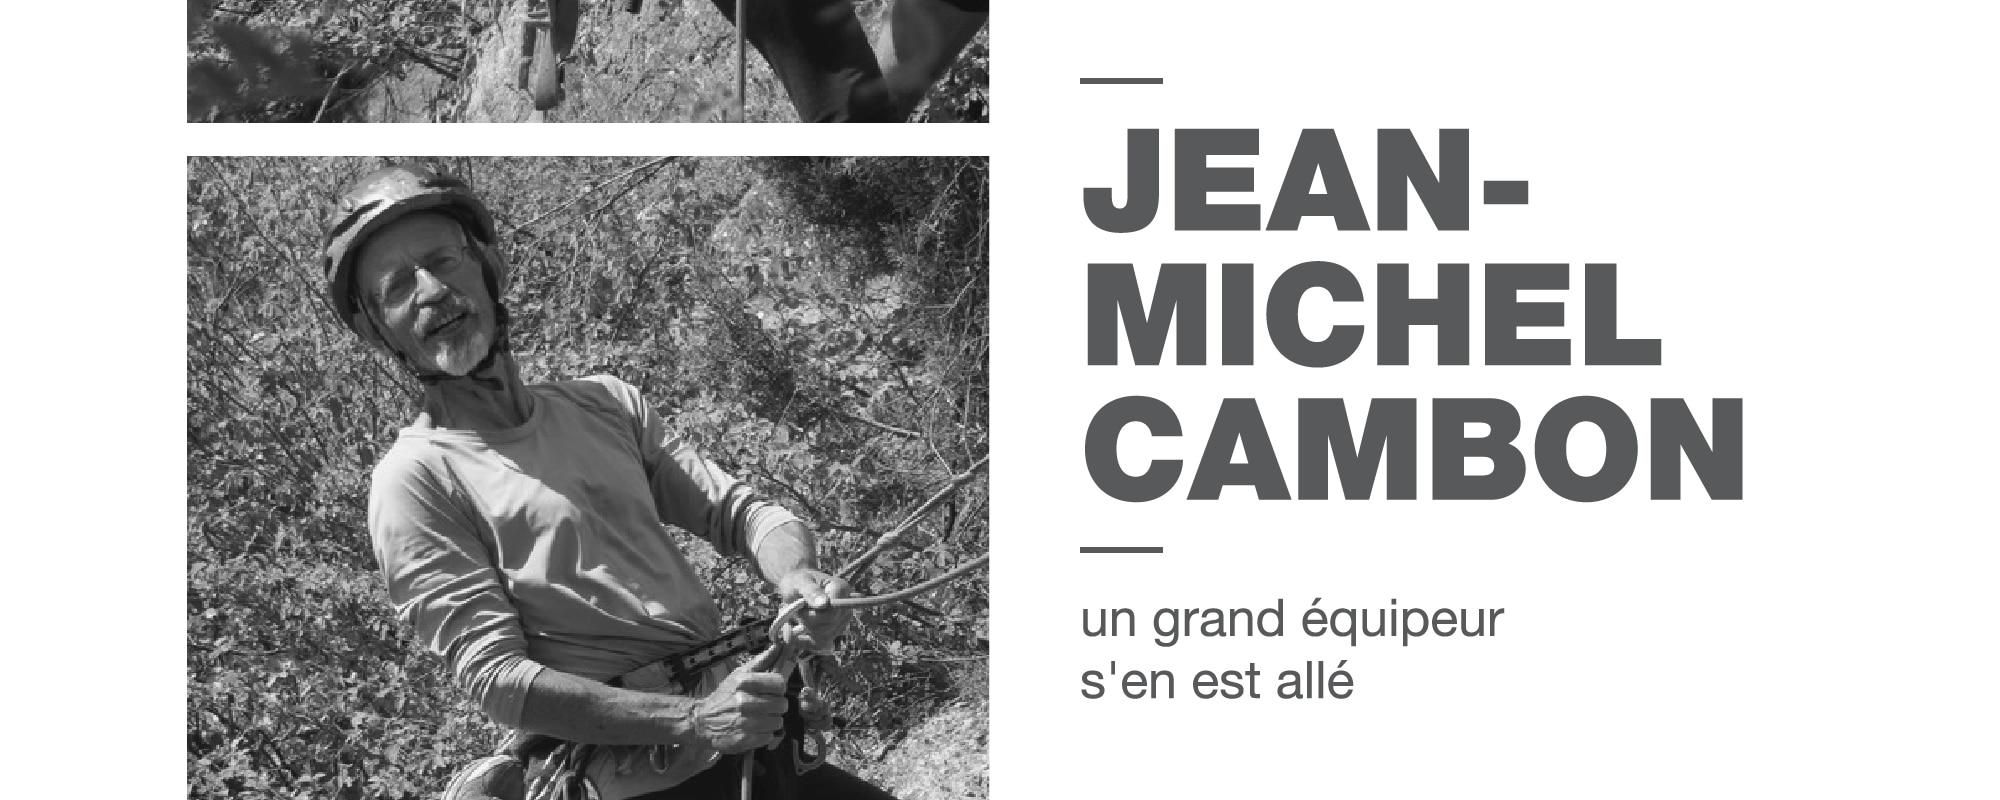 GV #30 – Jean-Michel Cambon, un grand équipeur s'en est allé